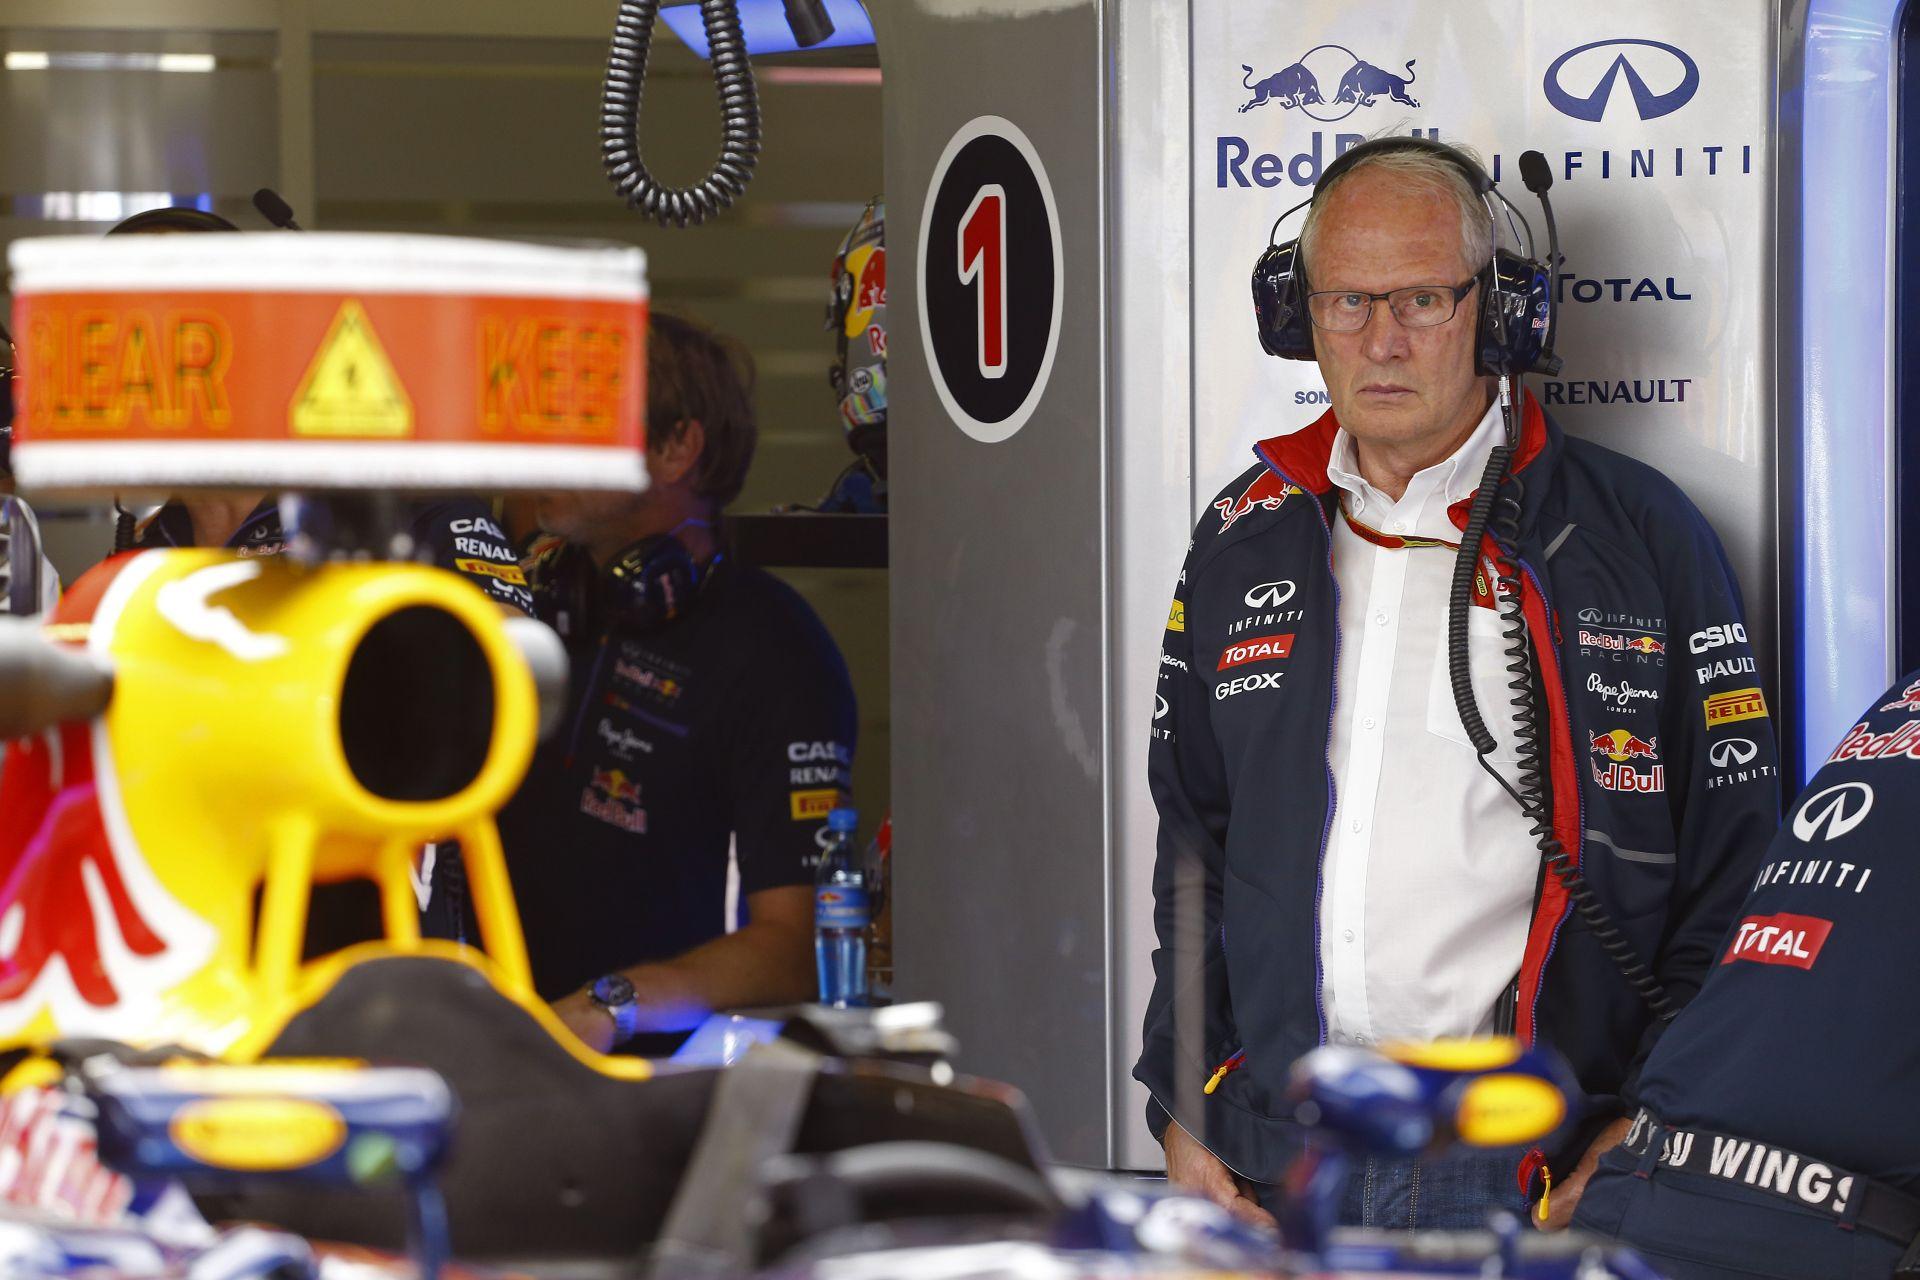 Az Osztrák Nagydíj után a Red Bull végleg feladhatja a világbajnokságot